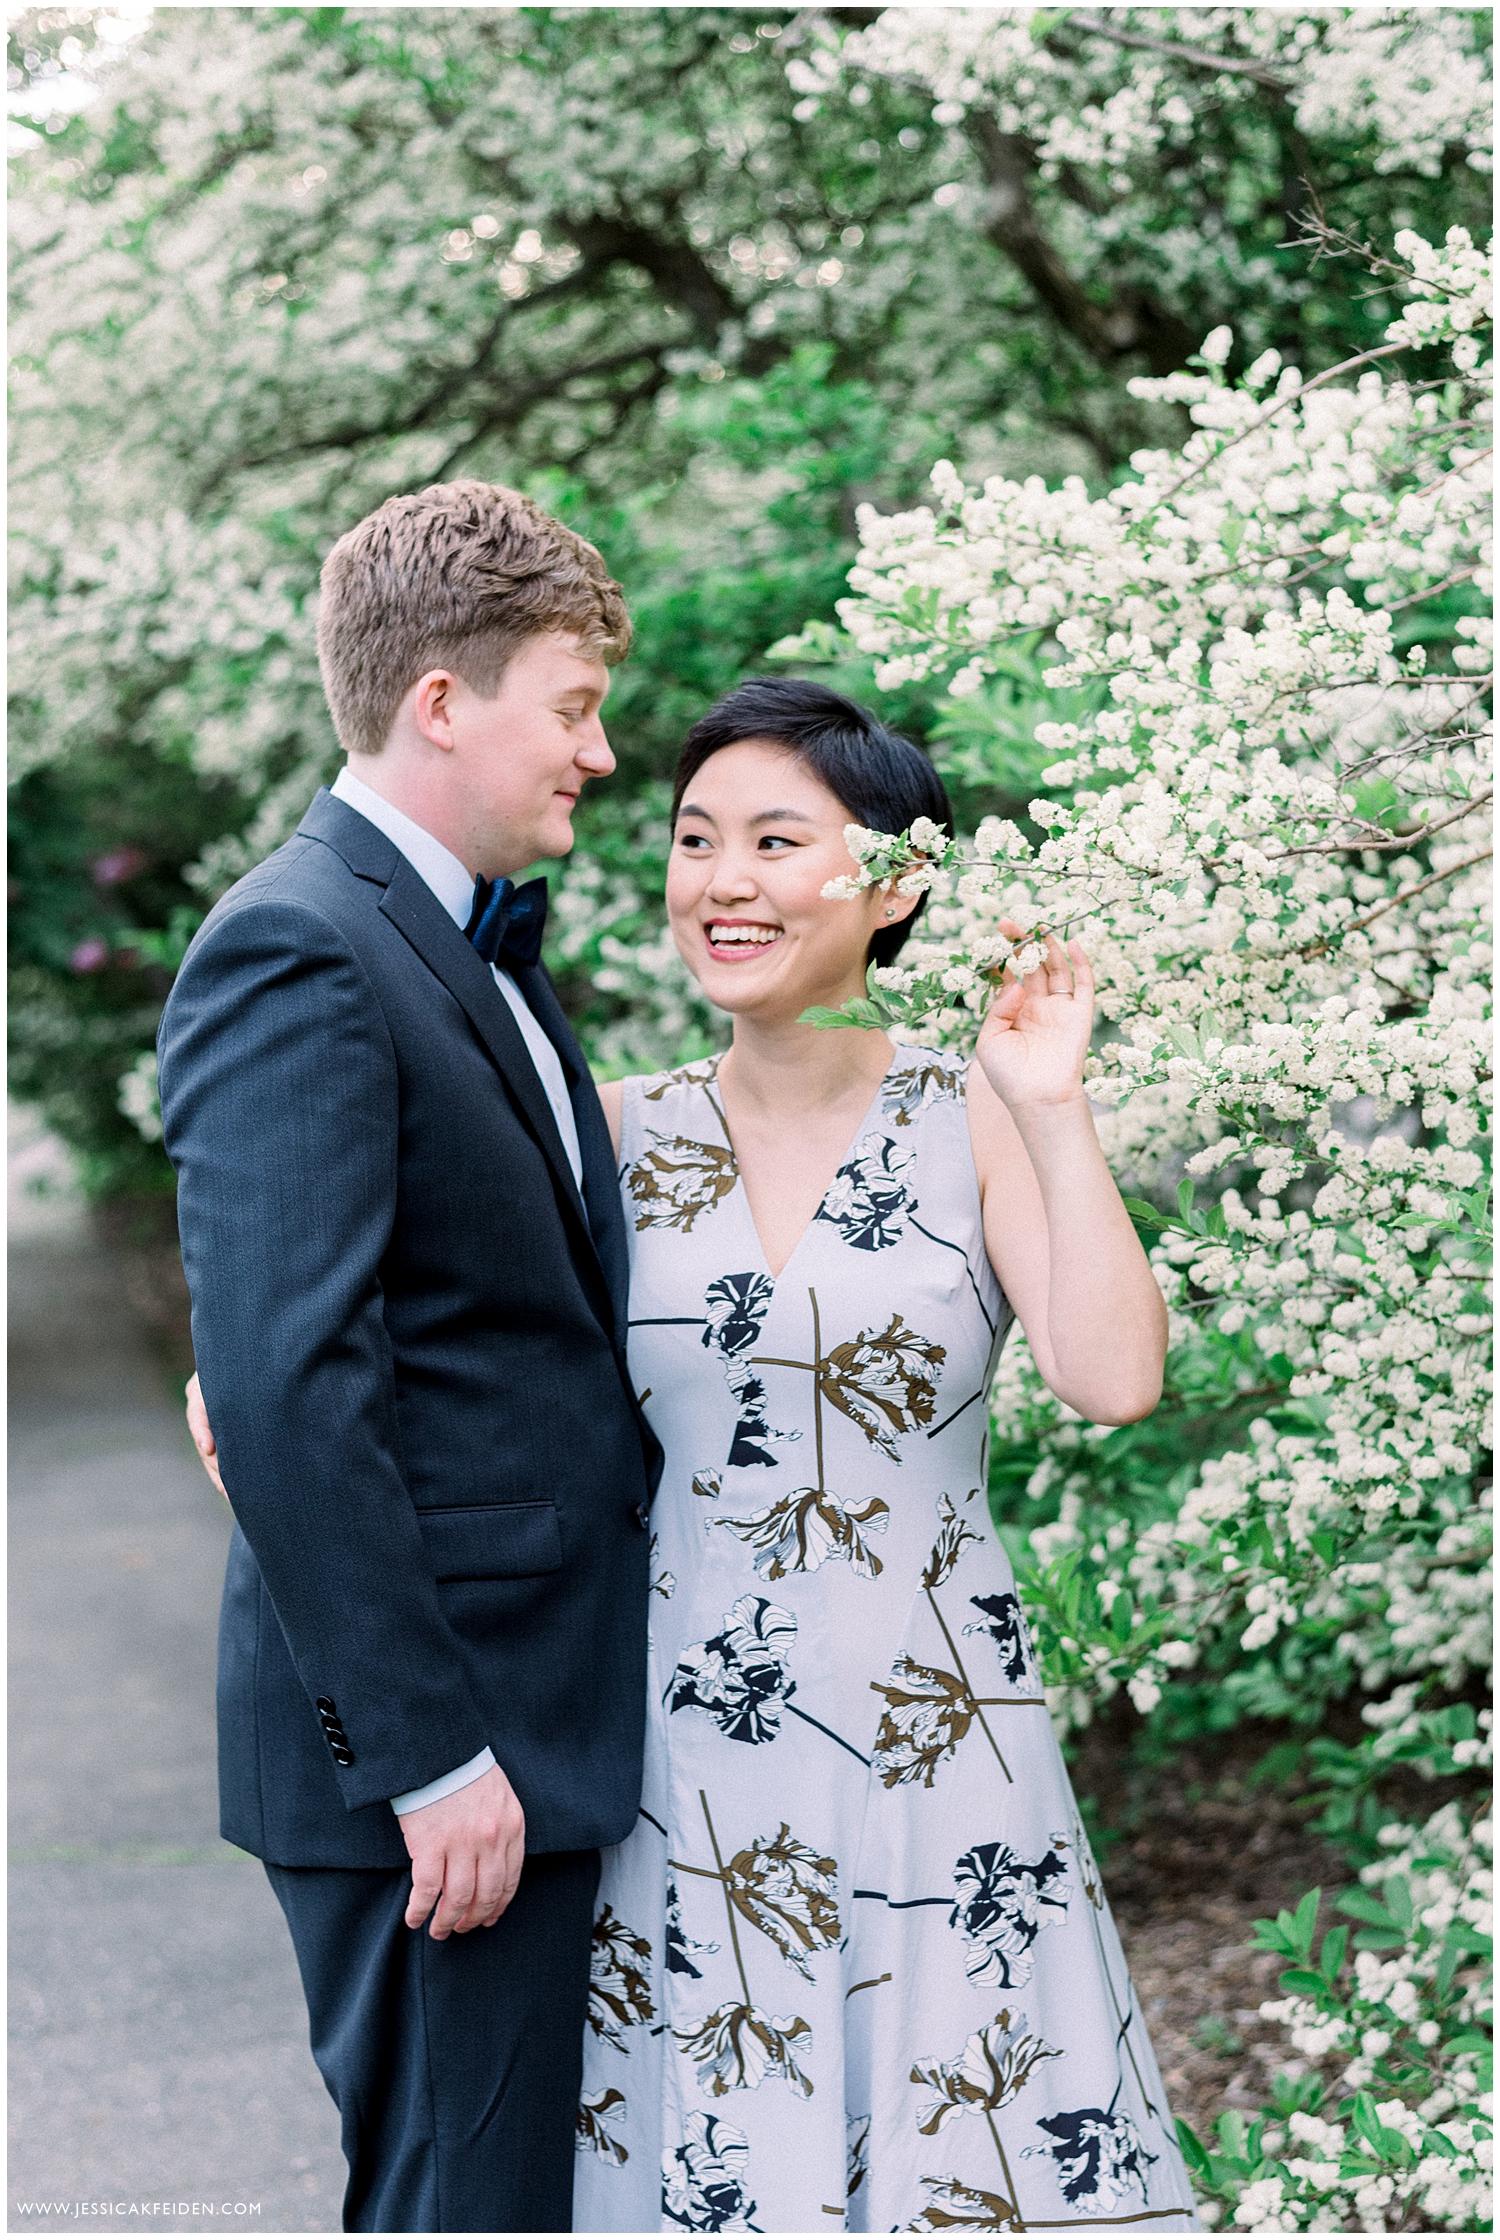 Jessica K Feiden Photography_Arnold Arboretum Boston Spring Engagement Session_0013.jpg